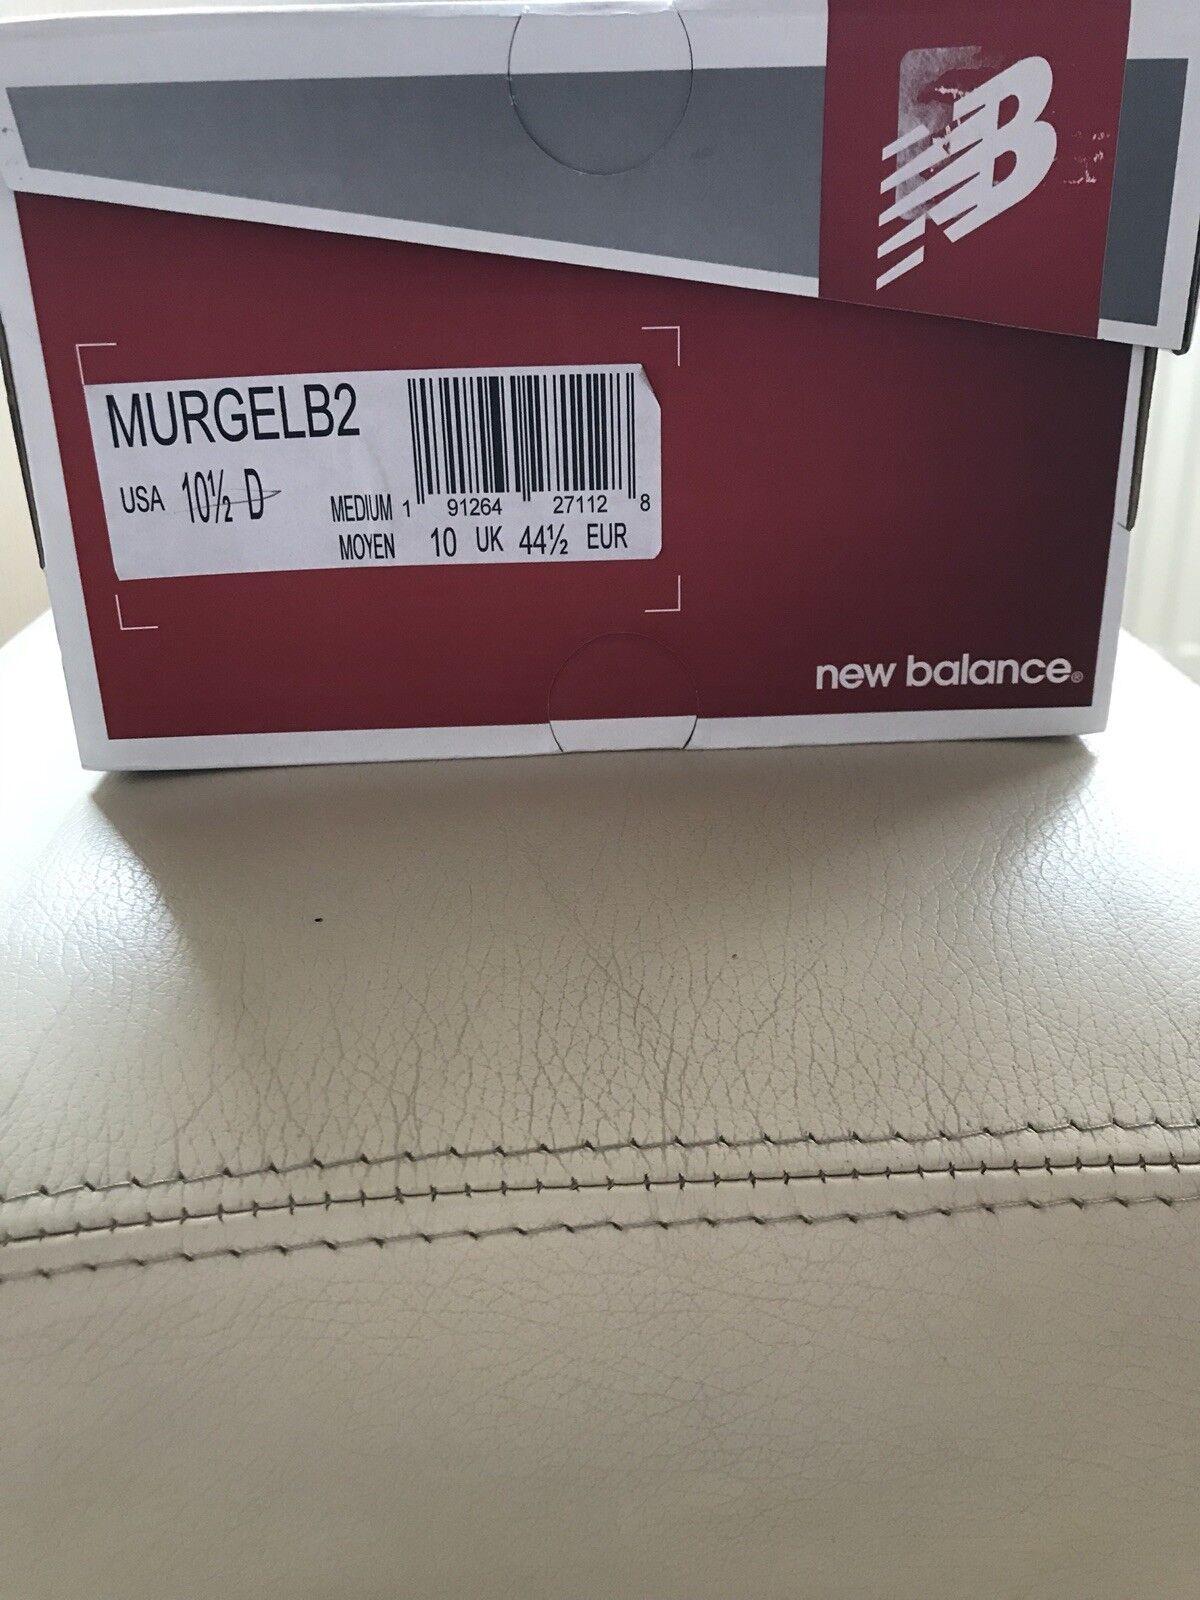 Zapatillas para hombre New Balance Balance Balance 8fa893